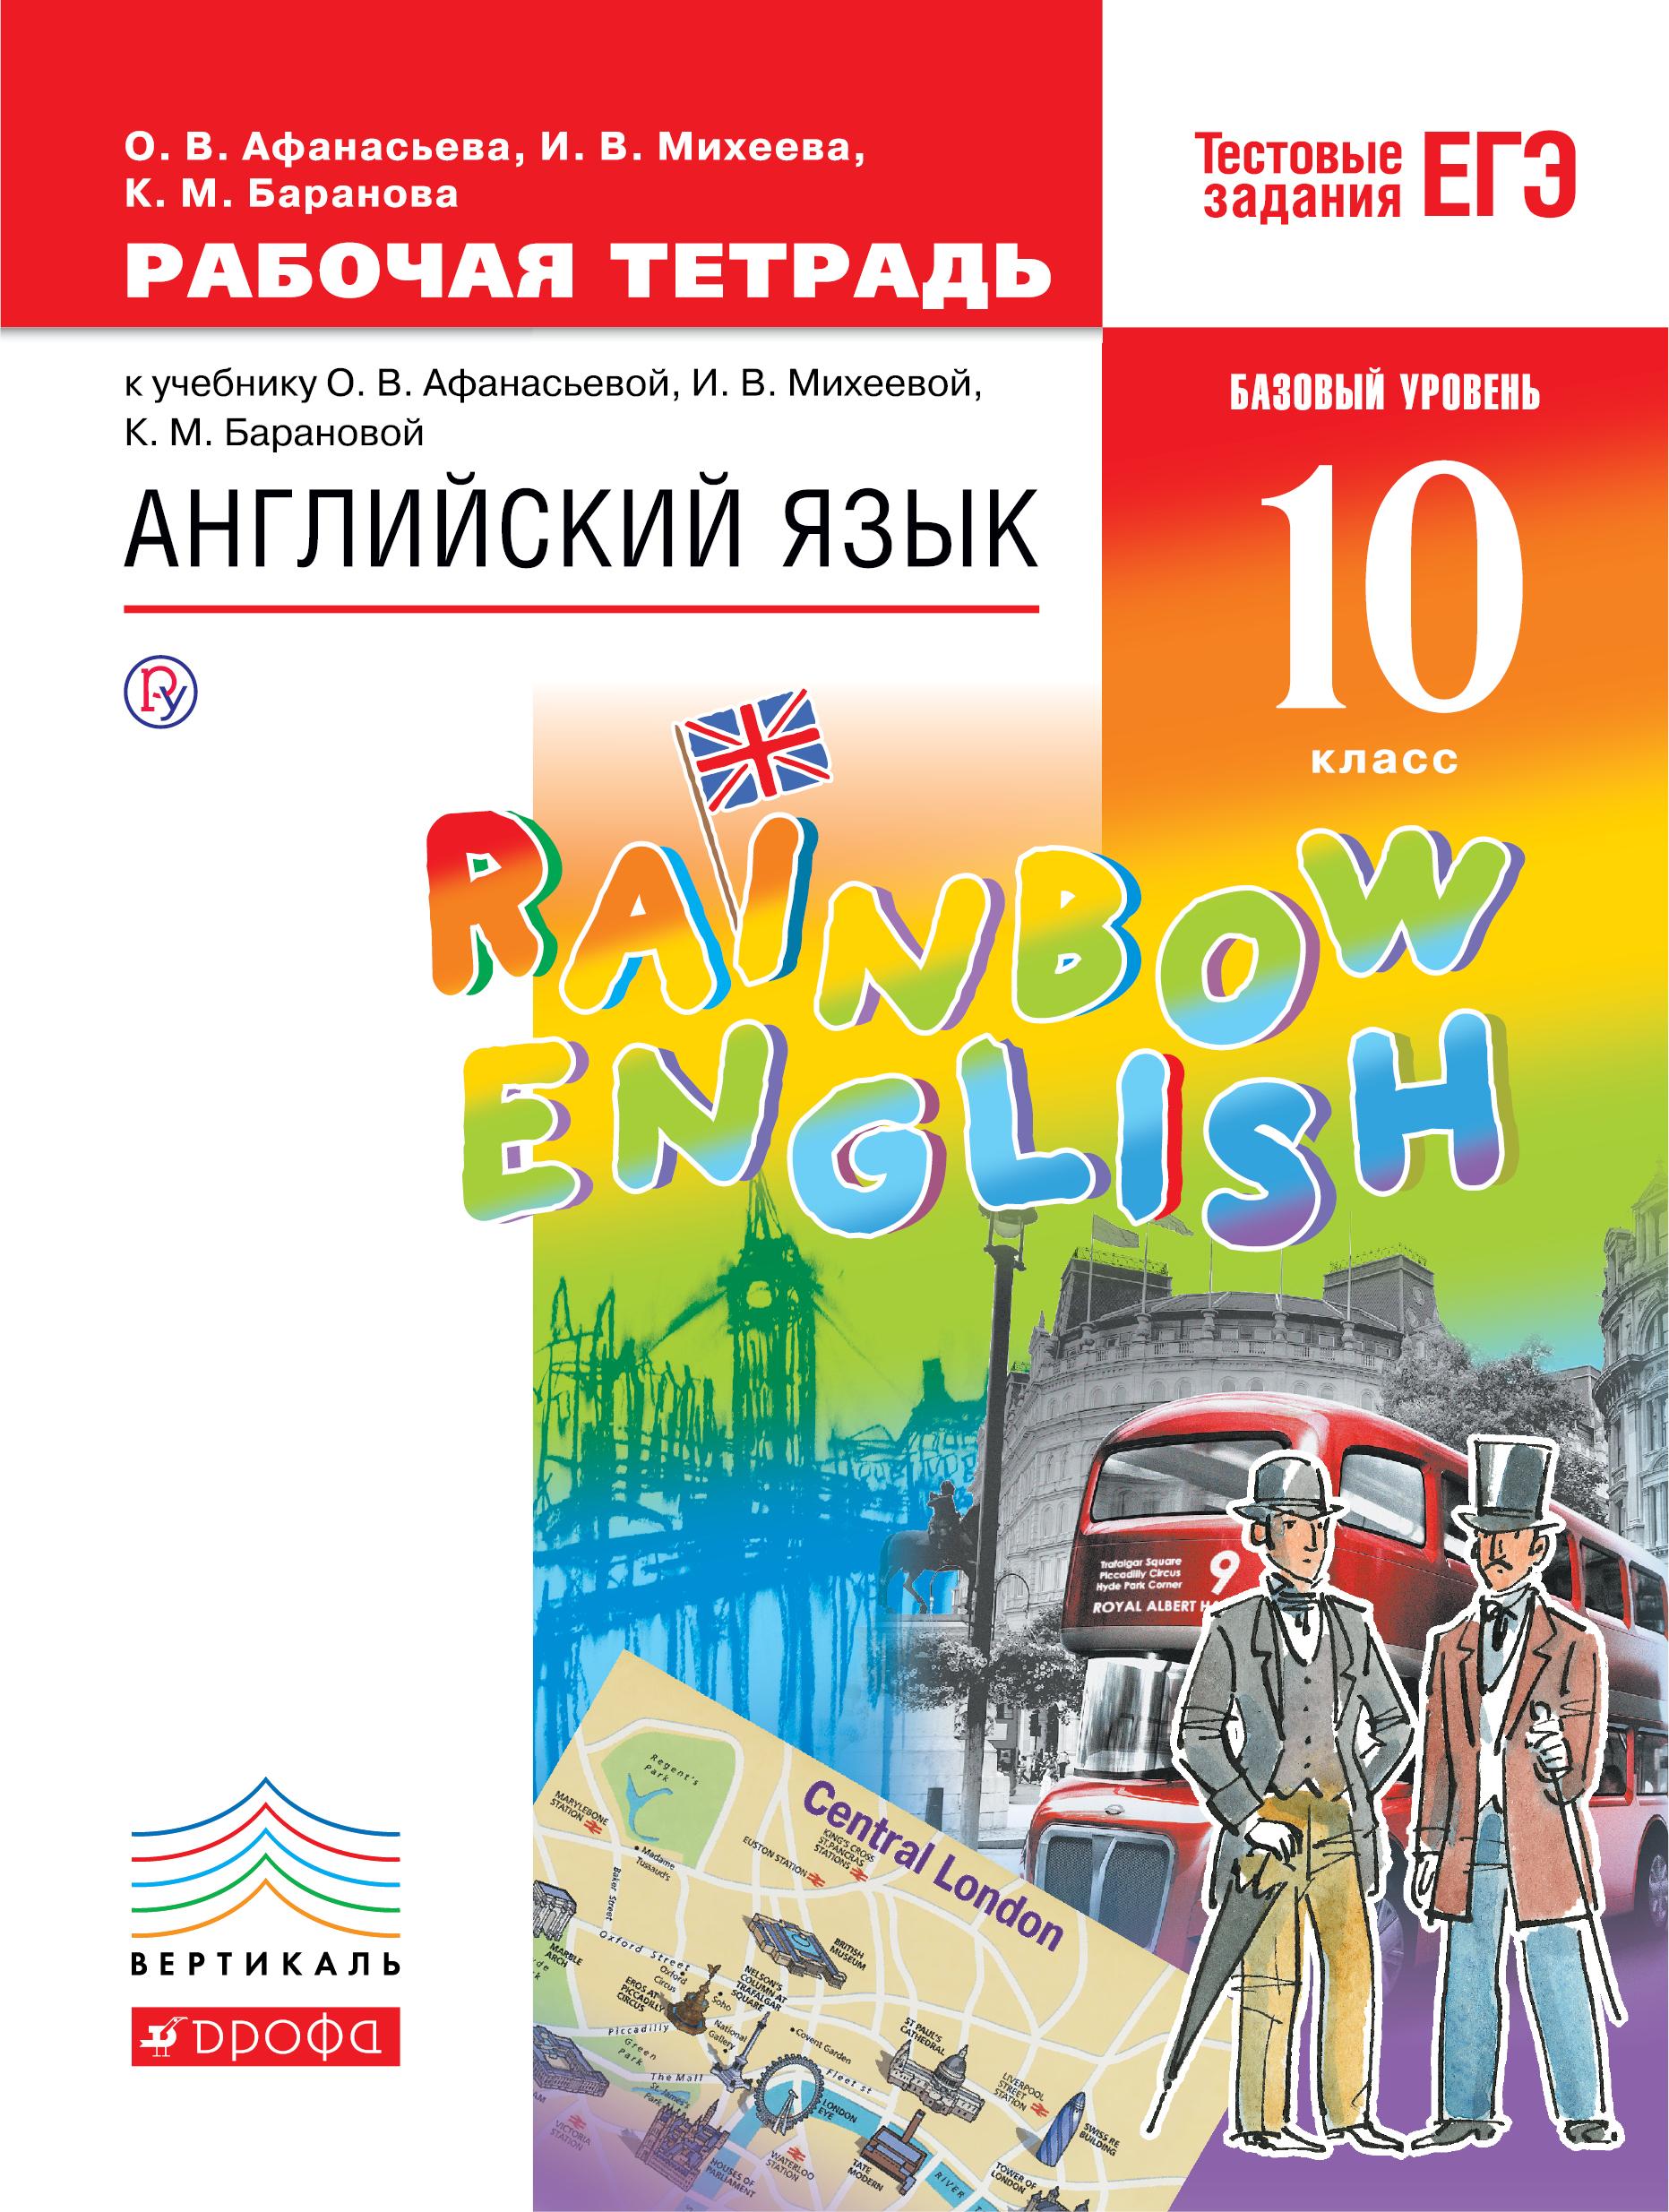 Афанасьева Михеева 10 Класс Учебник